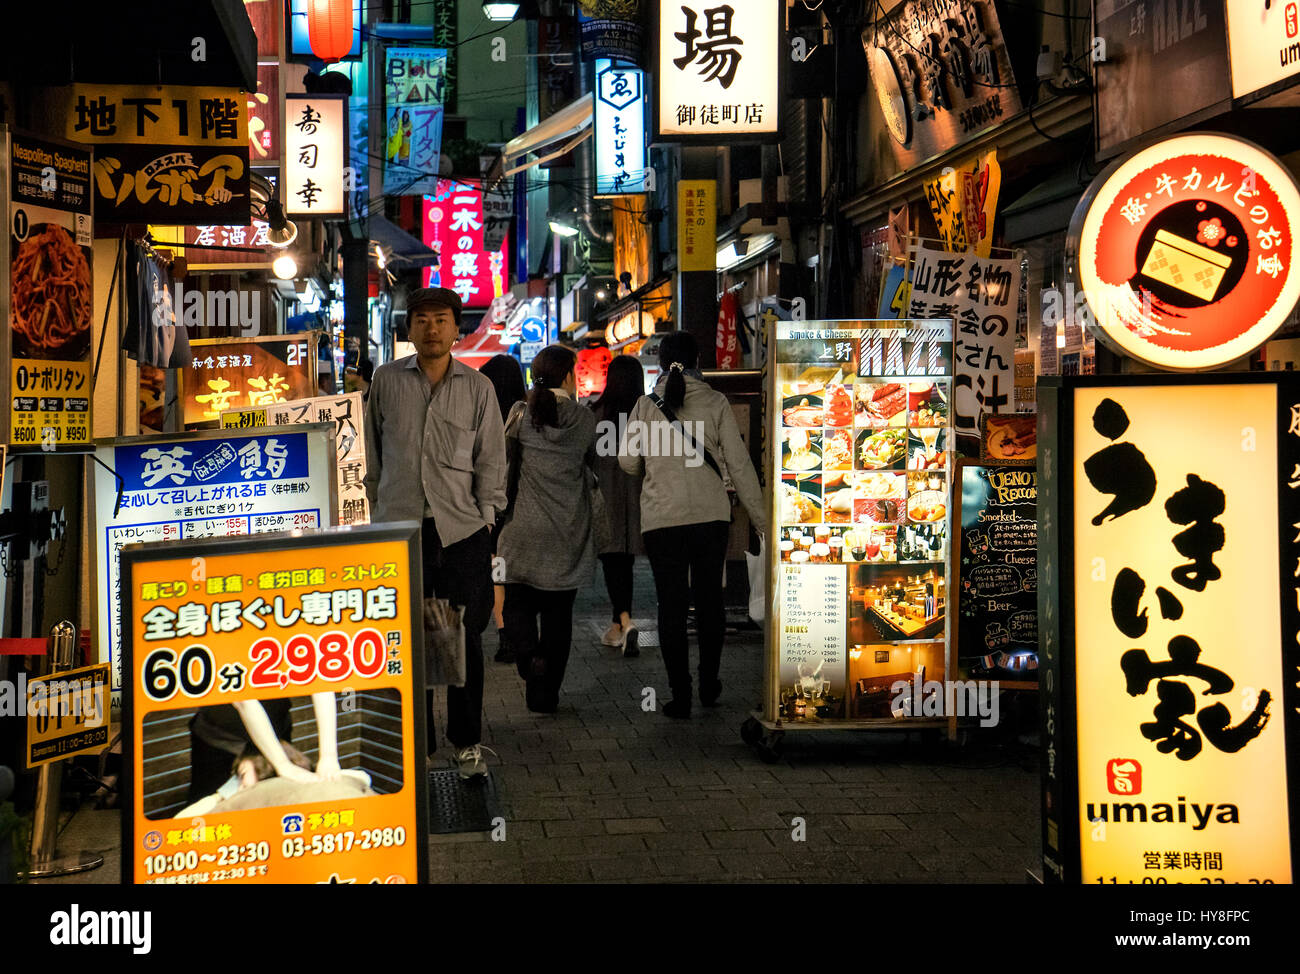 Giappone, isola di Honshu, Kanto, Tokyo, dalle strade di Ueno di notte. Immagini Stock